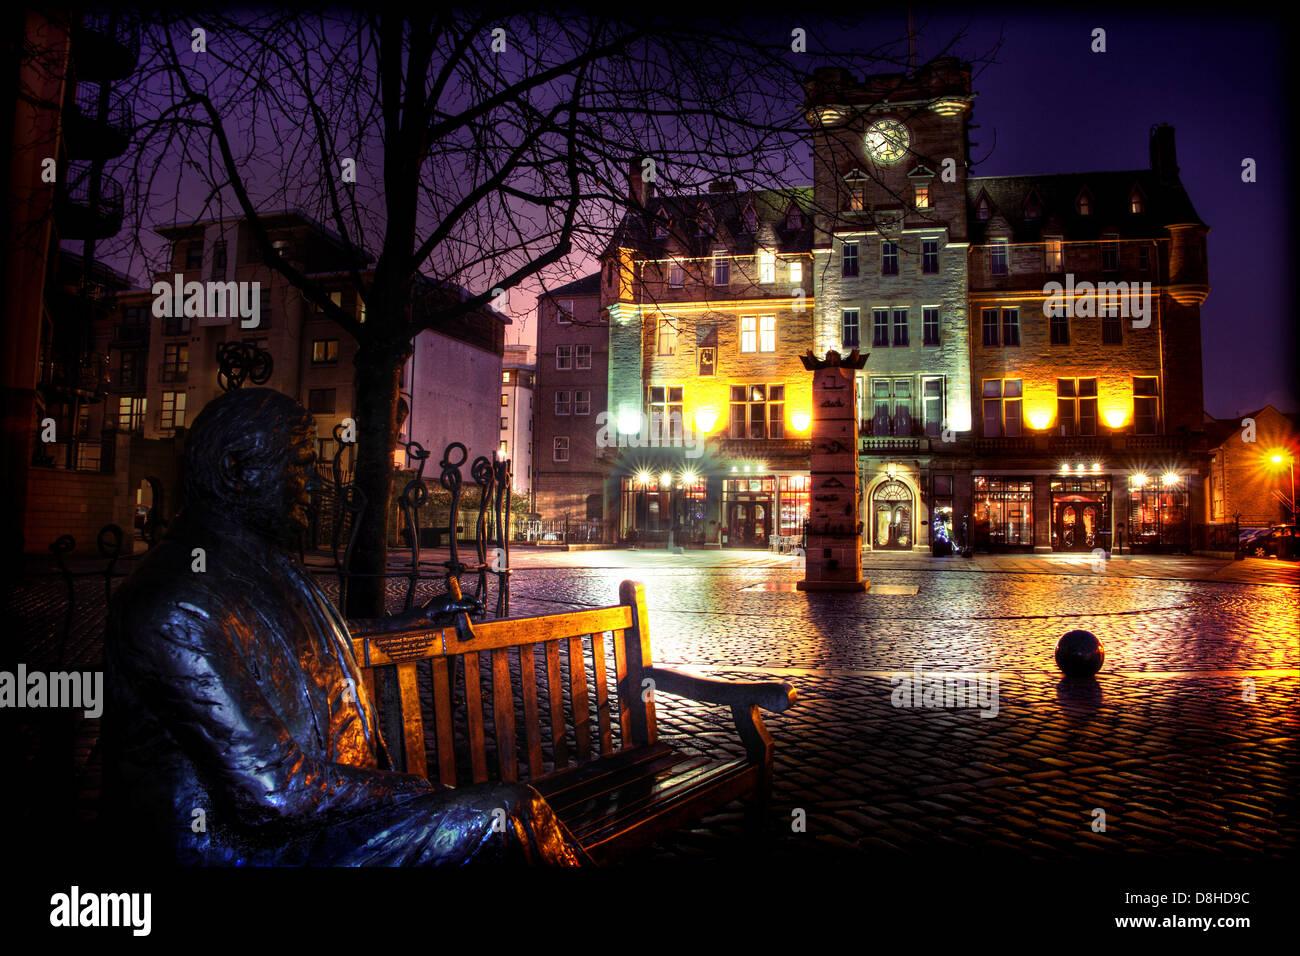 Laden Sie dieses Alamy Stockfoto Leith Ufer Waterfront in der Abenddämmerung, Edinburgh @HotpixUK - D8HD9C